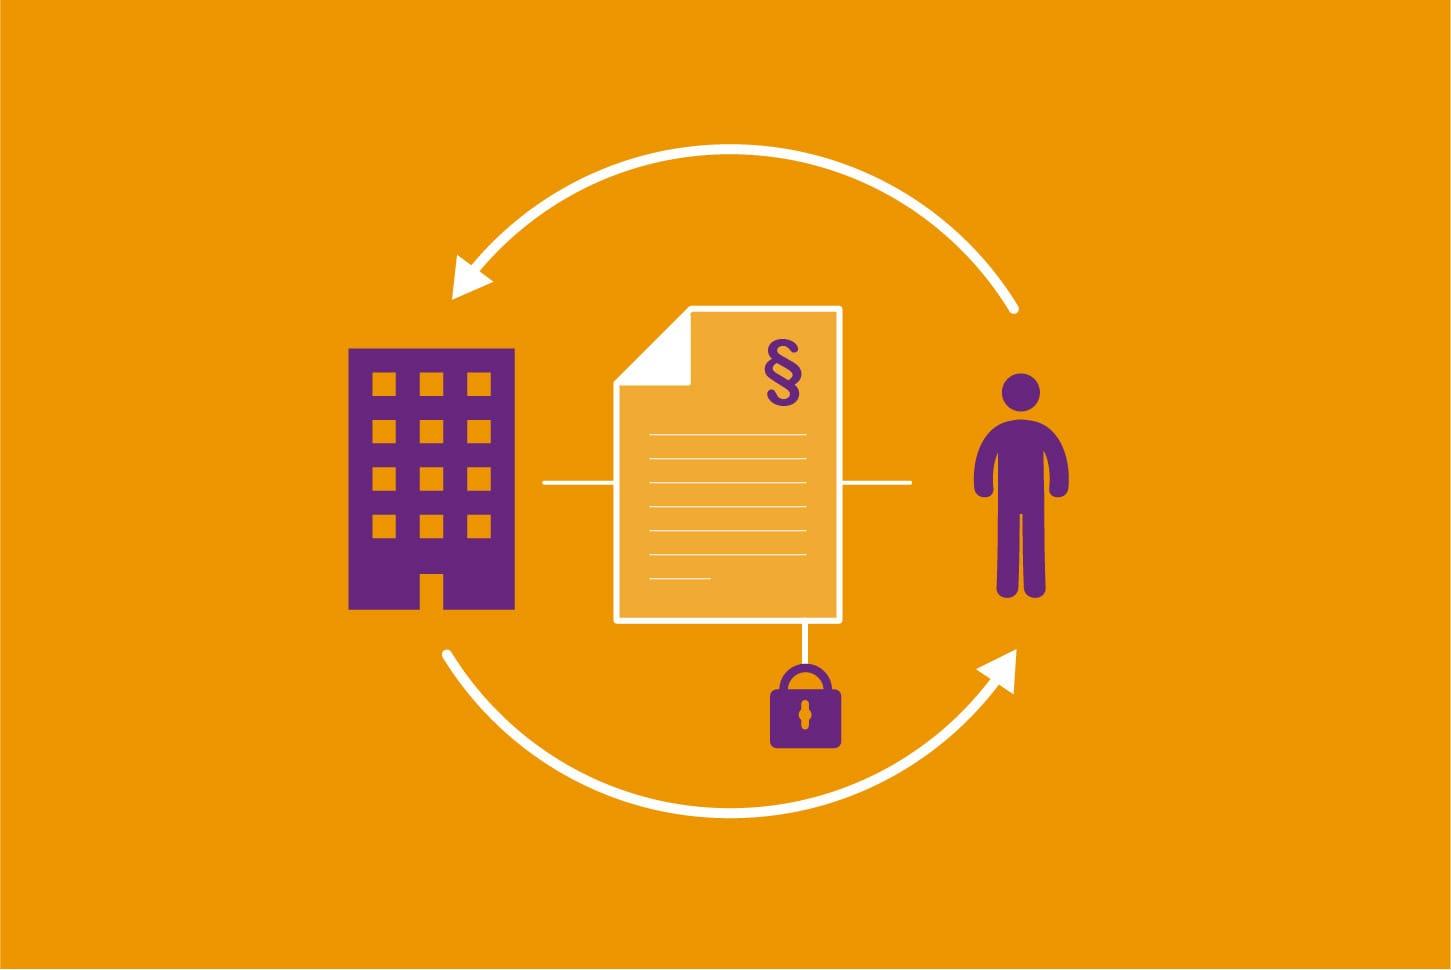 Datenschutzverträge: Auftragsverarbeitung, Joint Controllership oder doch zwei Verantwortliche? Welche Verträge sind mit wem zu schließen?